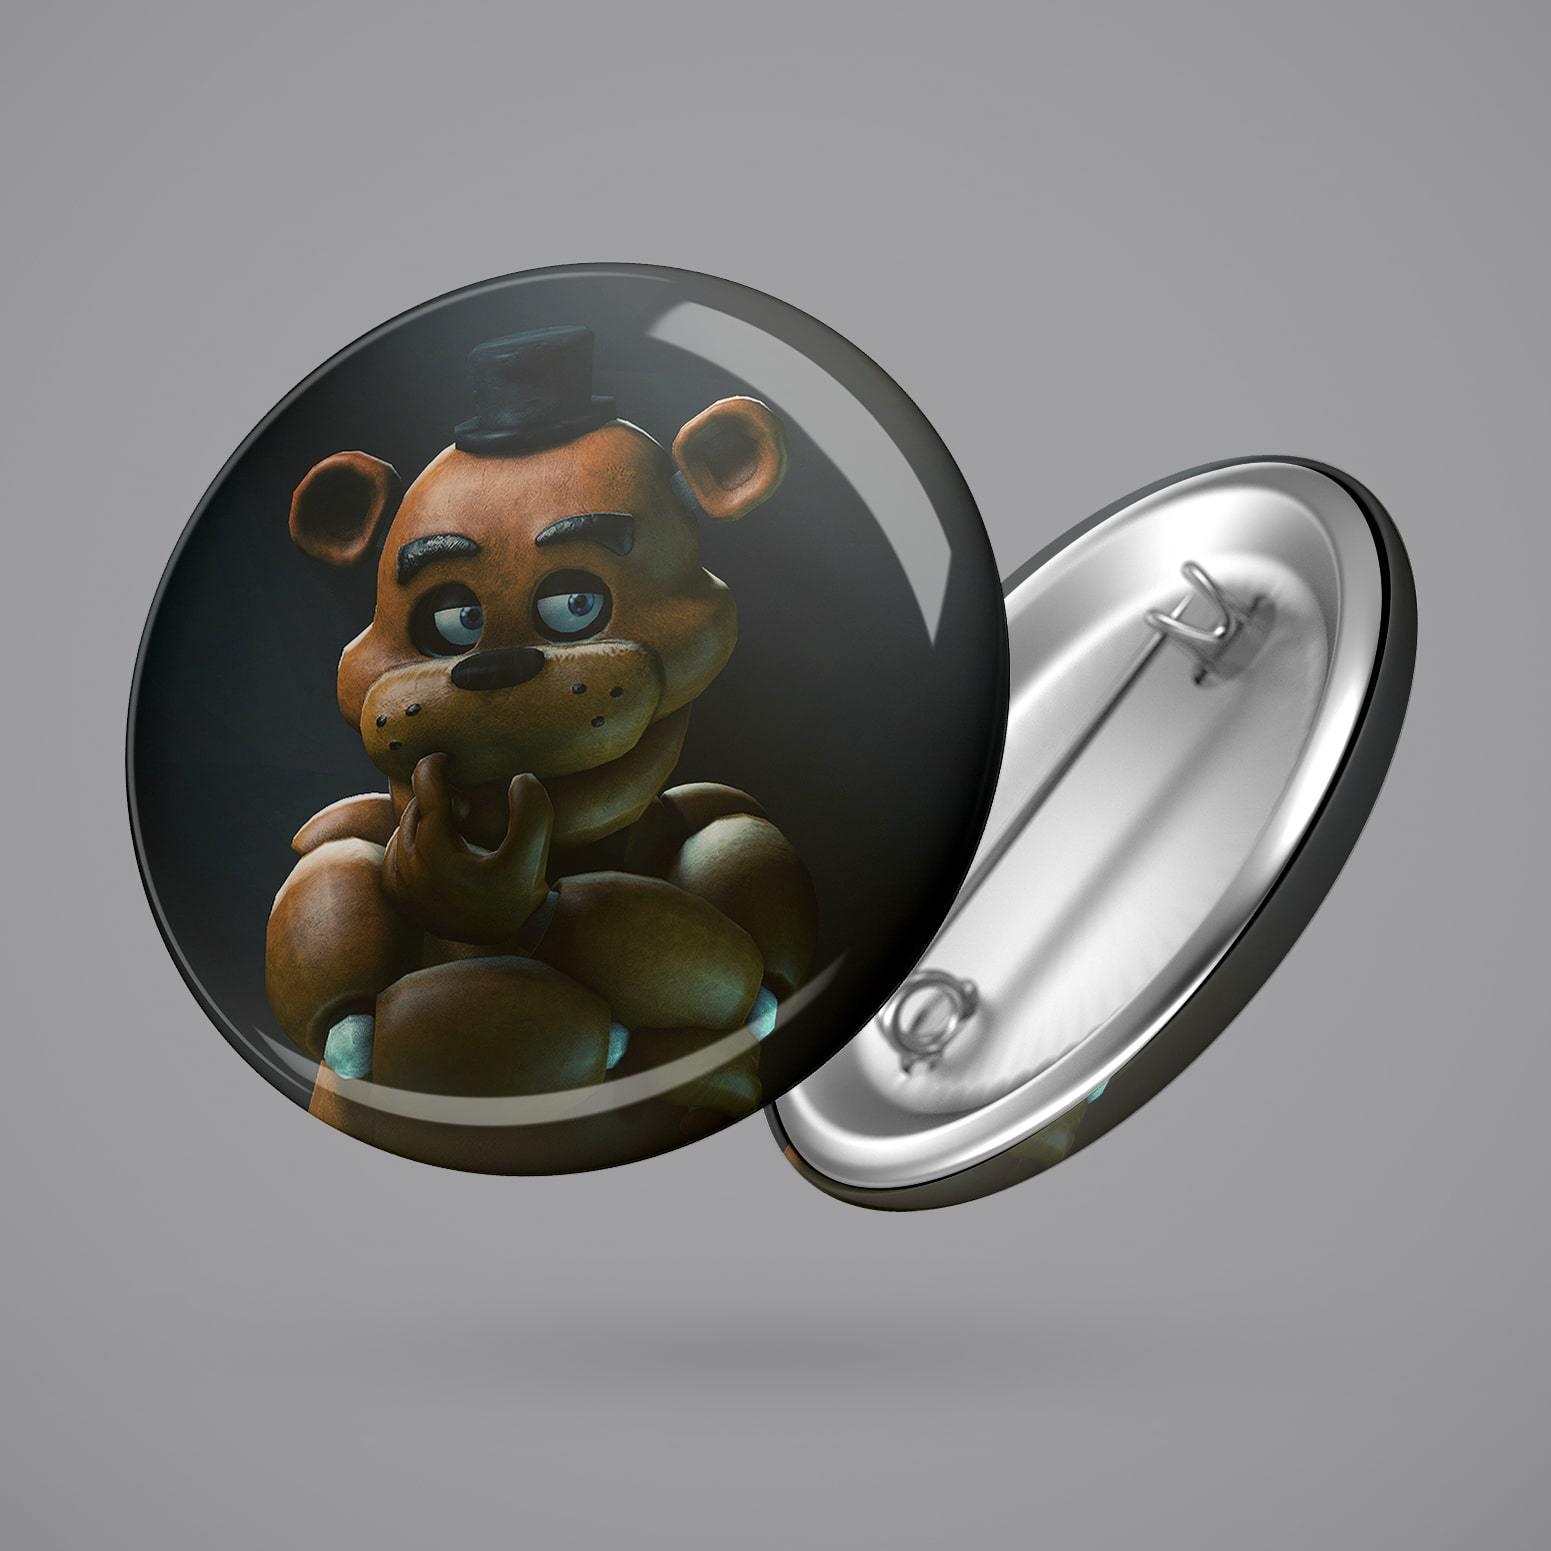 Значок с Фредди №2 - купить в интернет-магазине kinoshop24.ru